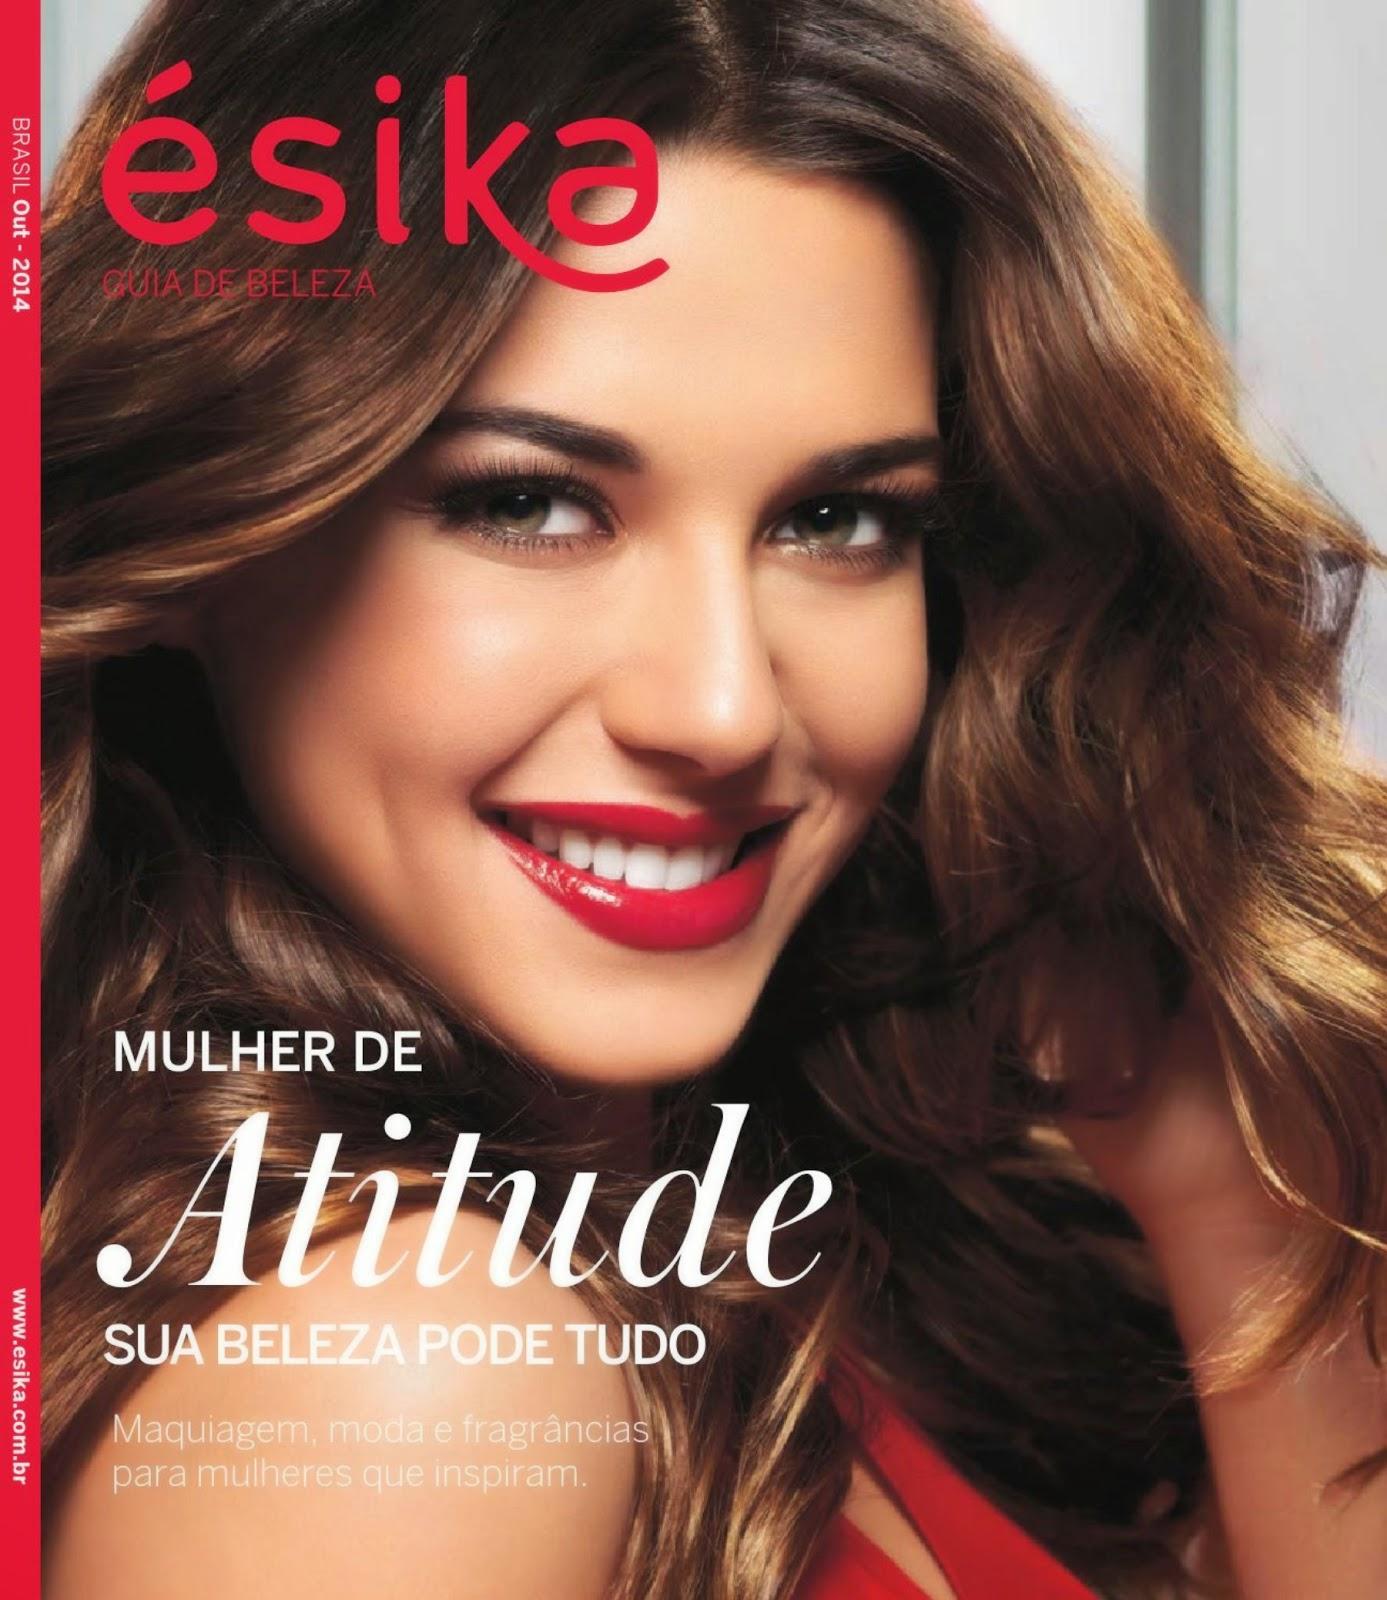 Revista Ésika Outubro 2014